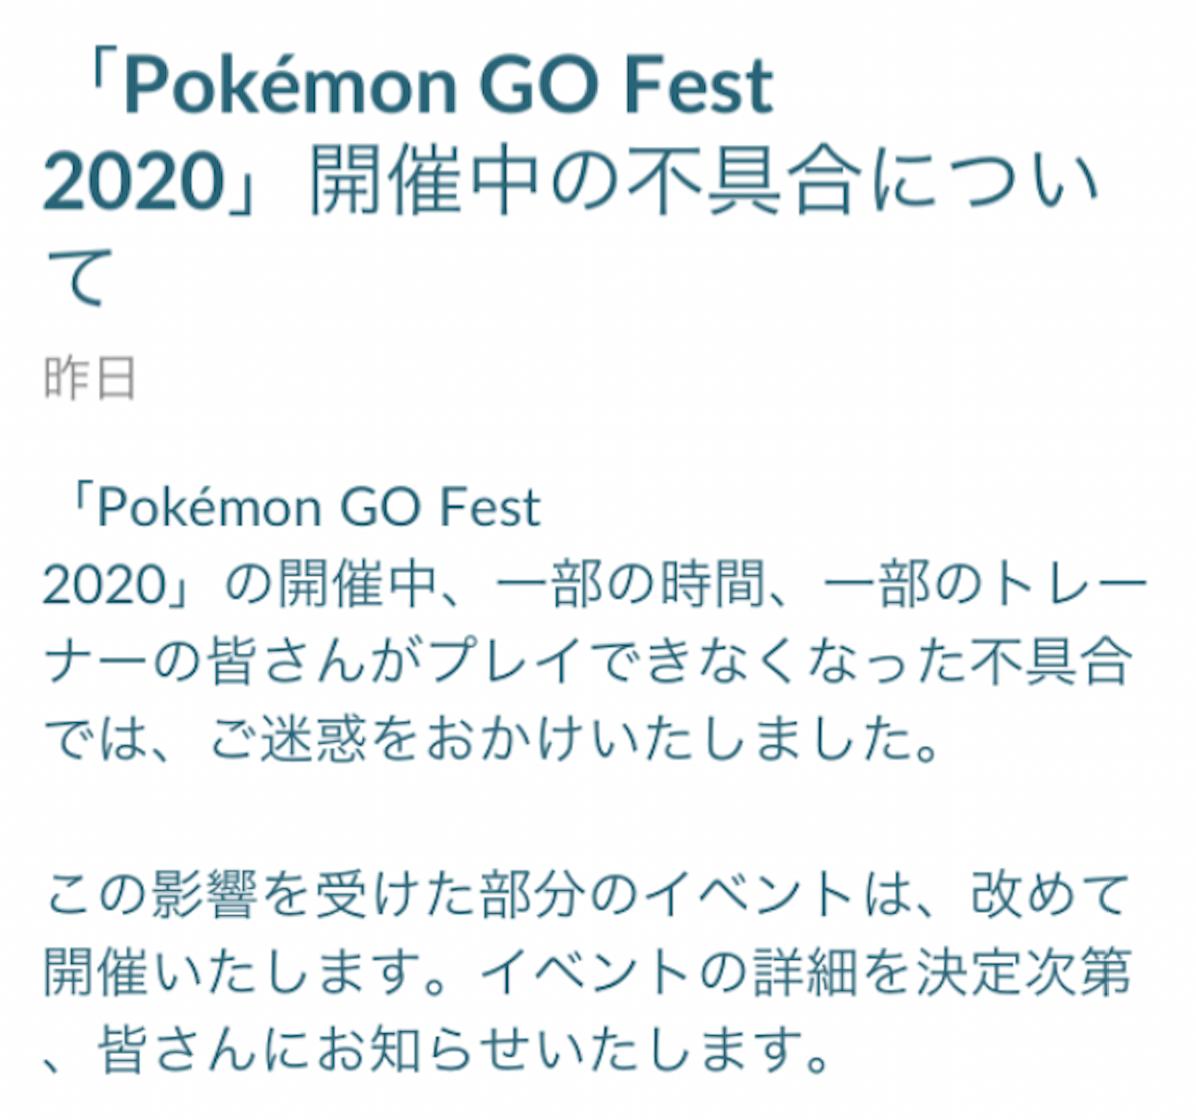 f:id:hato36:20200726095142p:plain